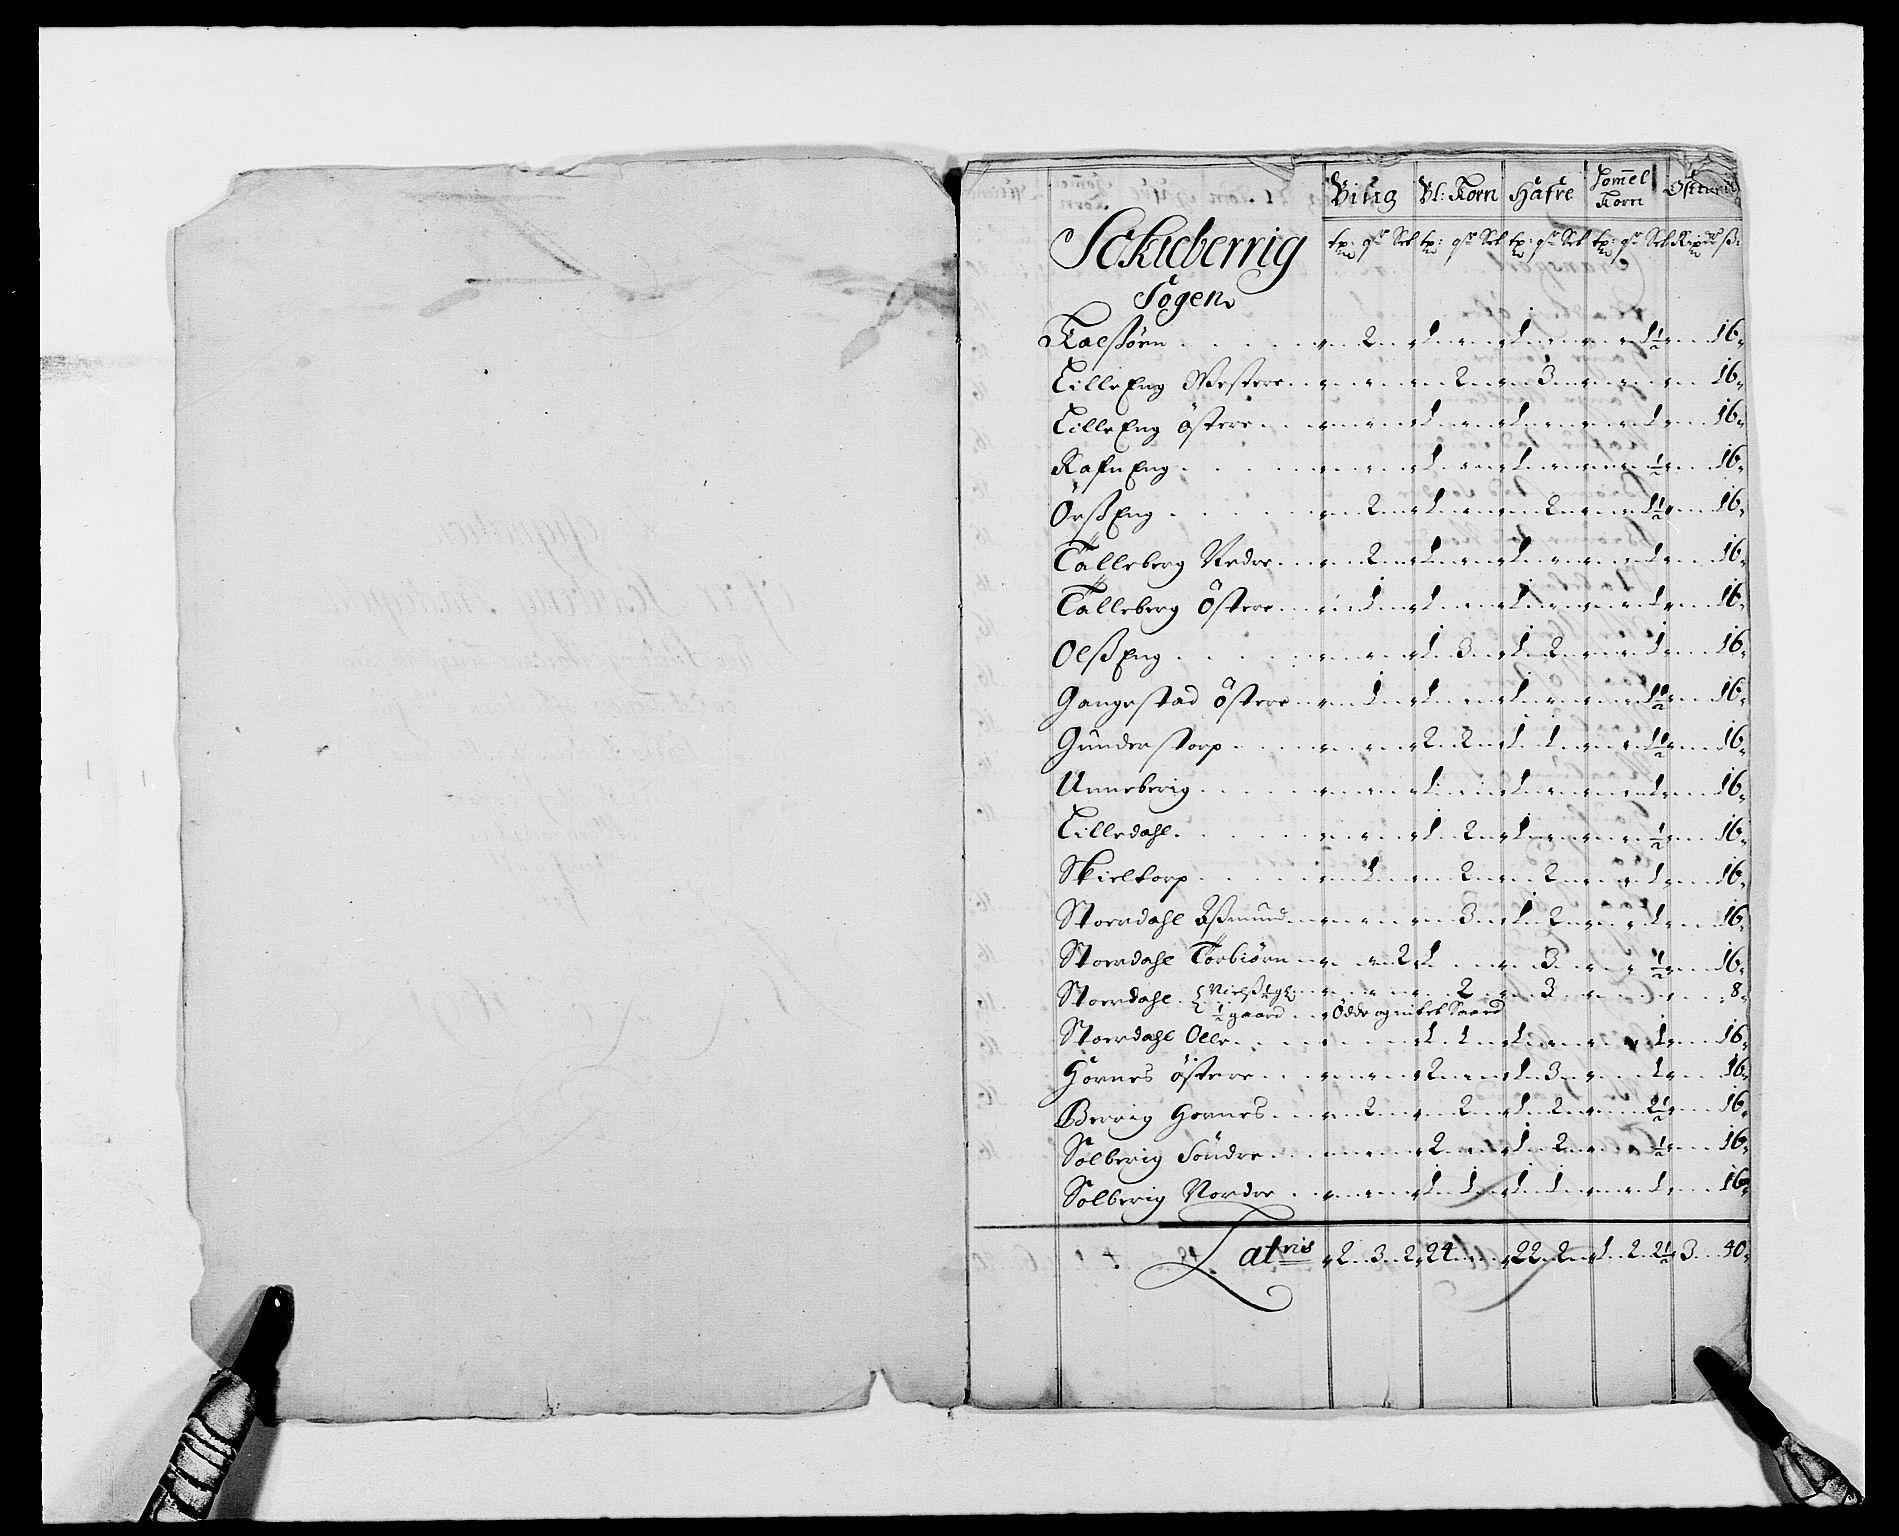 RA, Rentekammeret inntil 1814, Reviderte regnskaper, Fogderegnskap, R01/L0010: Fogderegnskap Idd og Marker, 1690-1691, s. 419